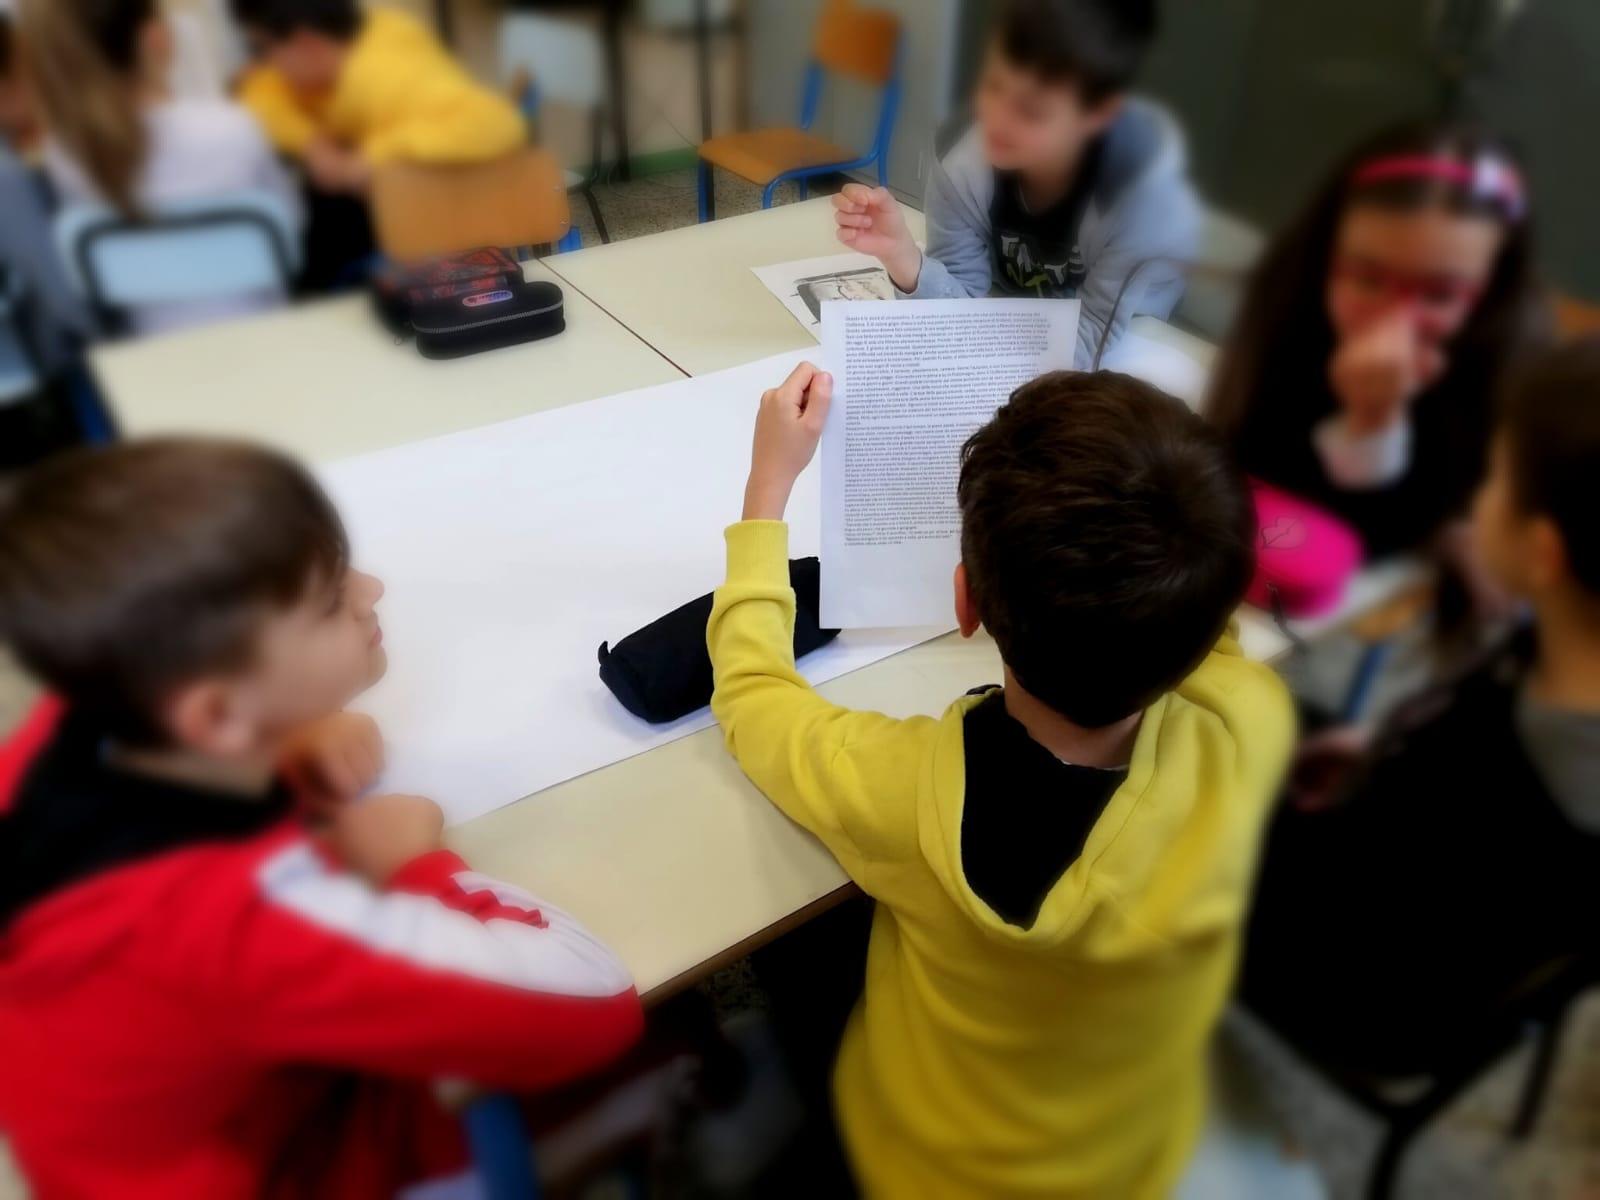 LA MIA ONDA nella Giornata Mondiale dei Diritti dei Bambini e delle Bambine